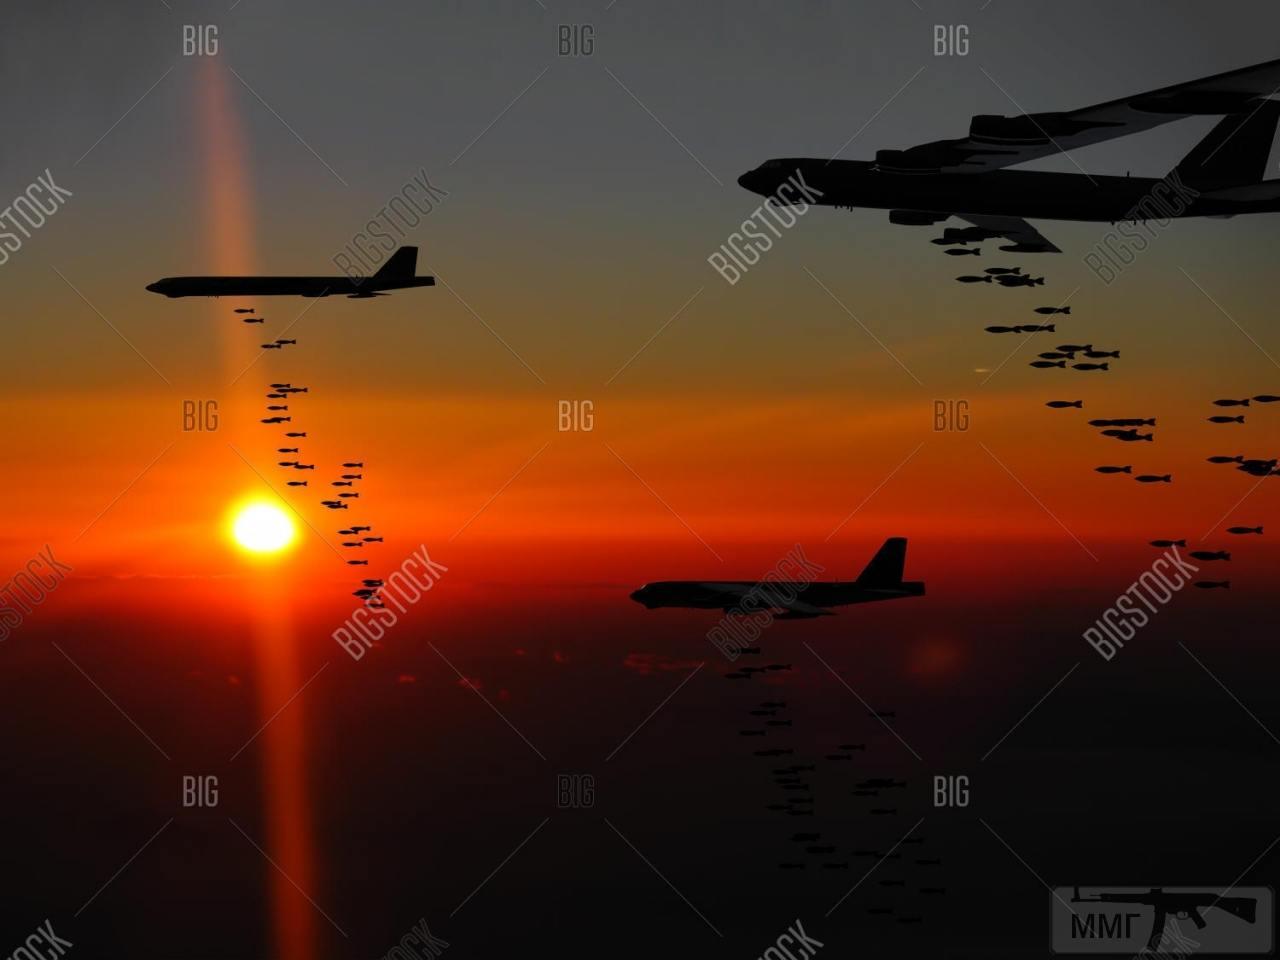 28315 - Красивые фото и видео боевых самолетов